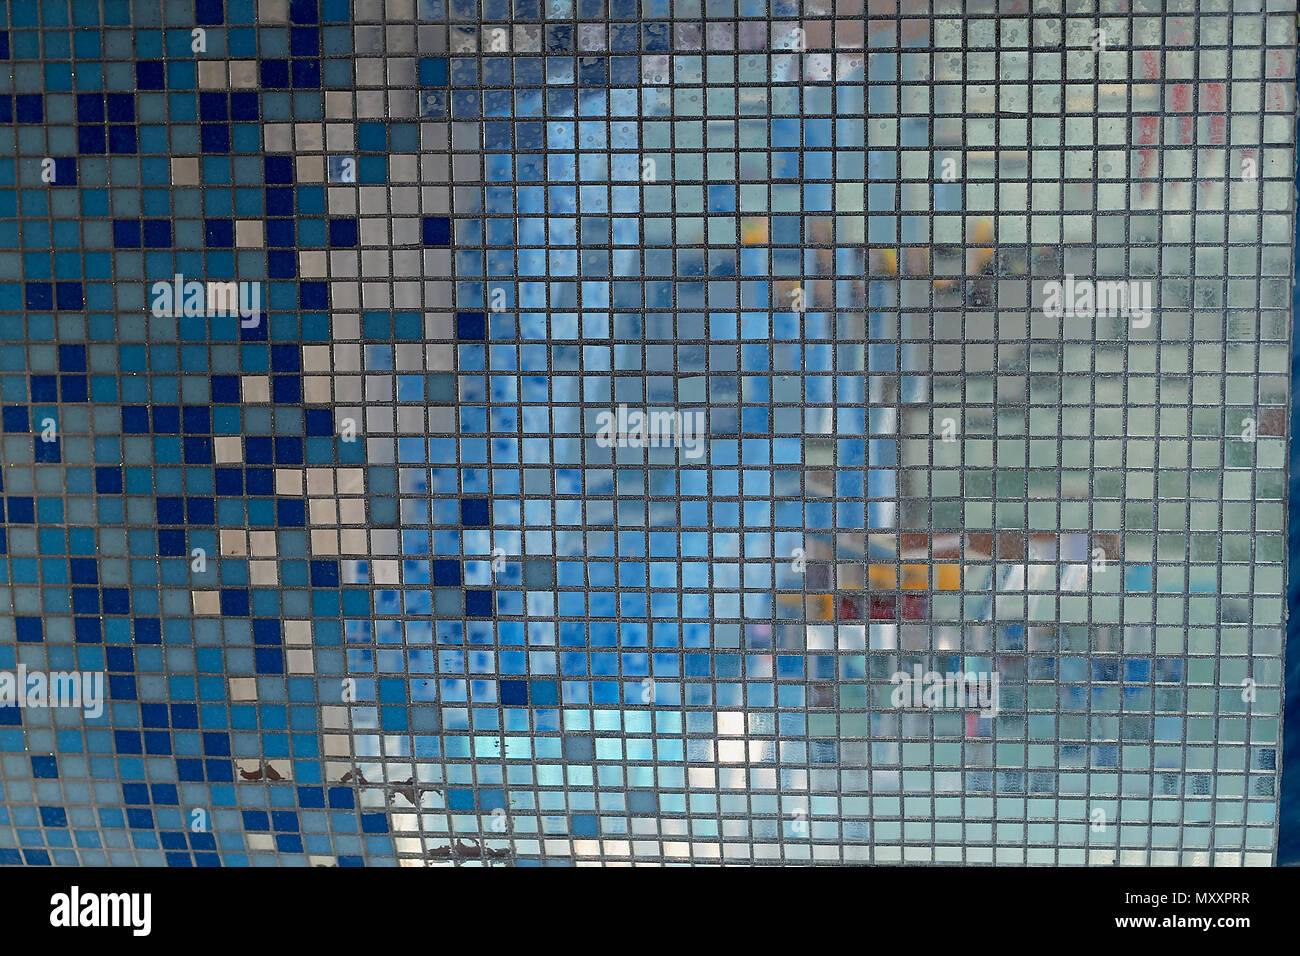 Specchio mosaico. texture. in bagno o in piscina foto & immagine